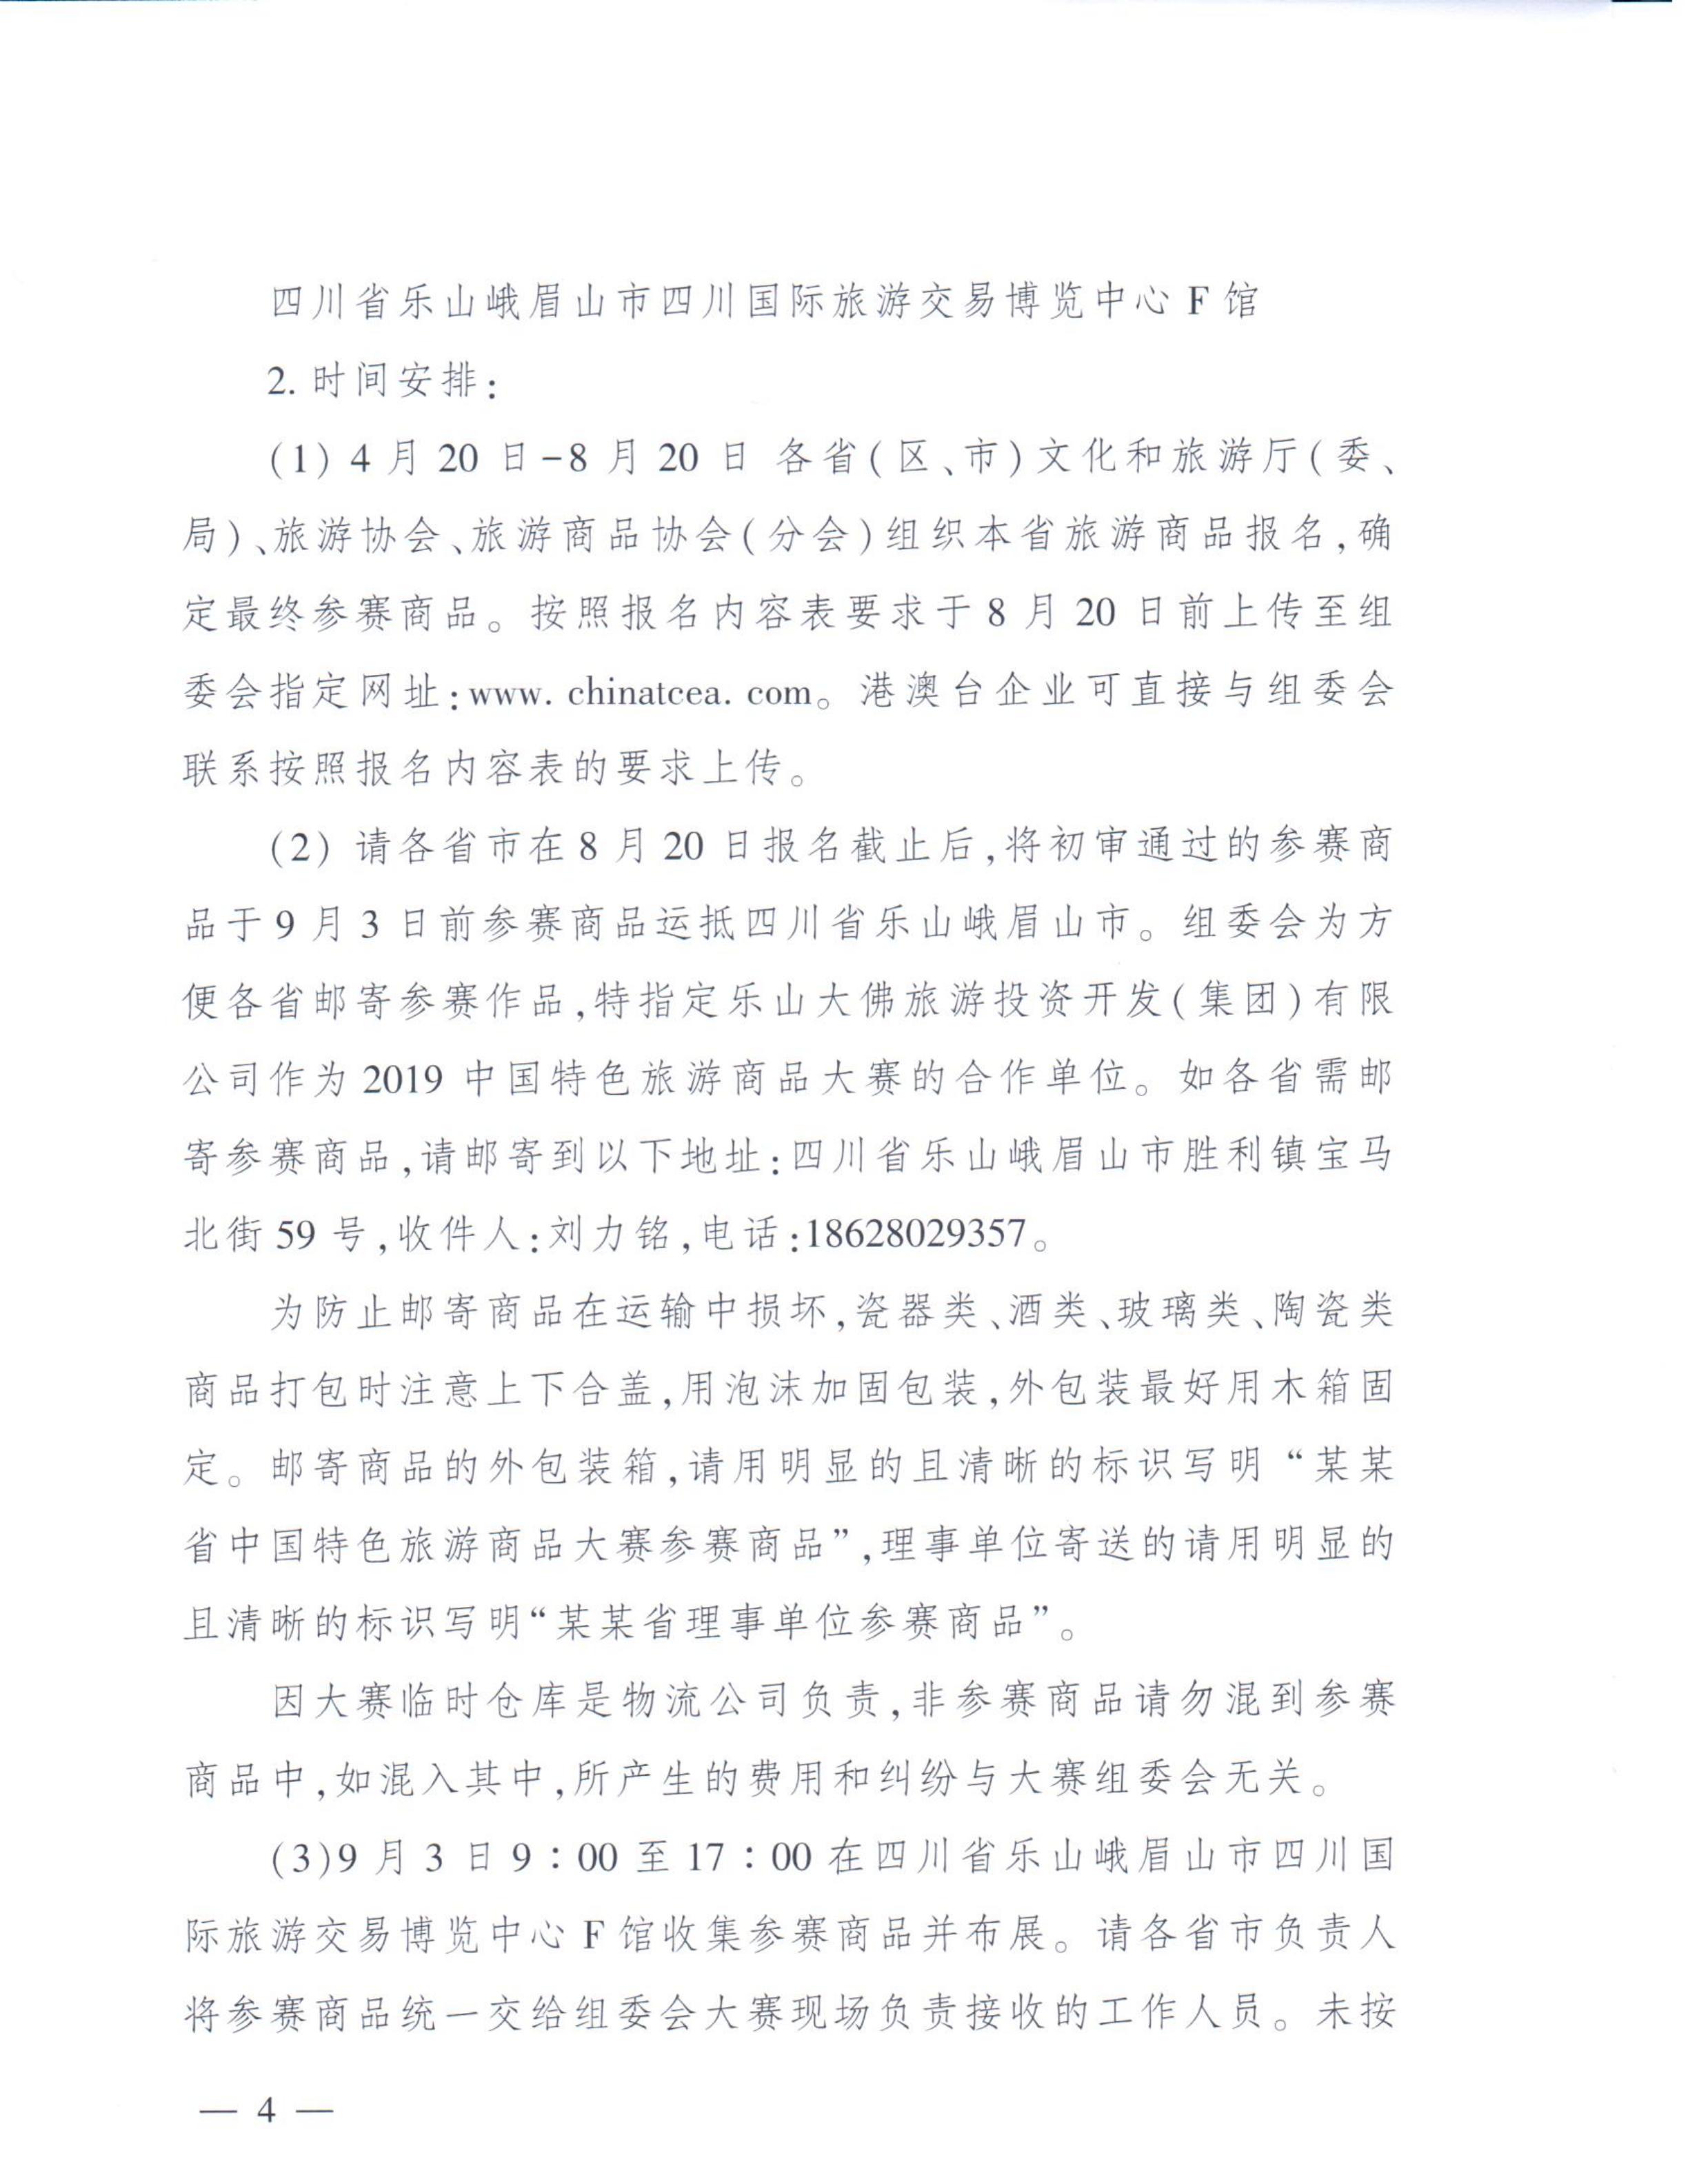 舉辦2019中國特色旅游商品大賽的通知-9-舉辦2019中國特色旅游商品大賽的通知-9_03